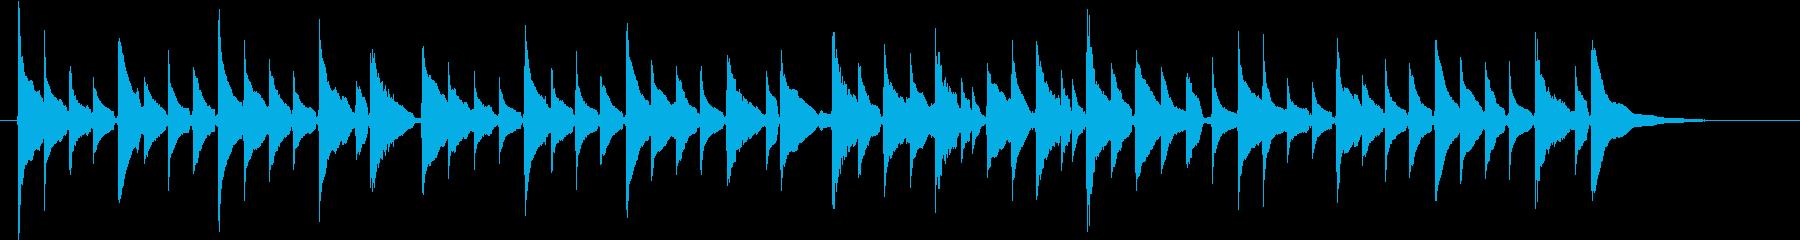 喜びの歌ベートーベン、ソロウクレレ生演奏の再生済みの波形